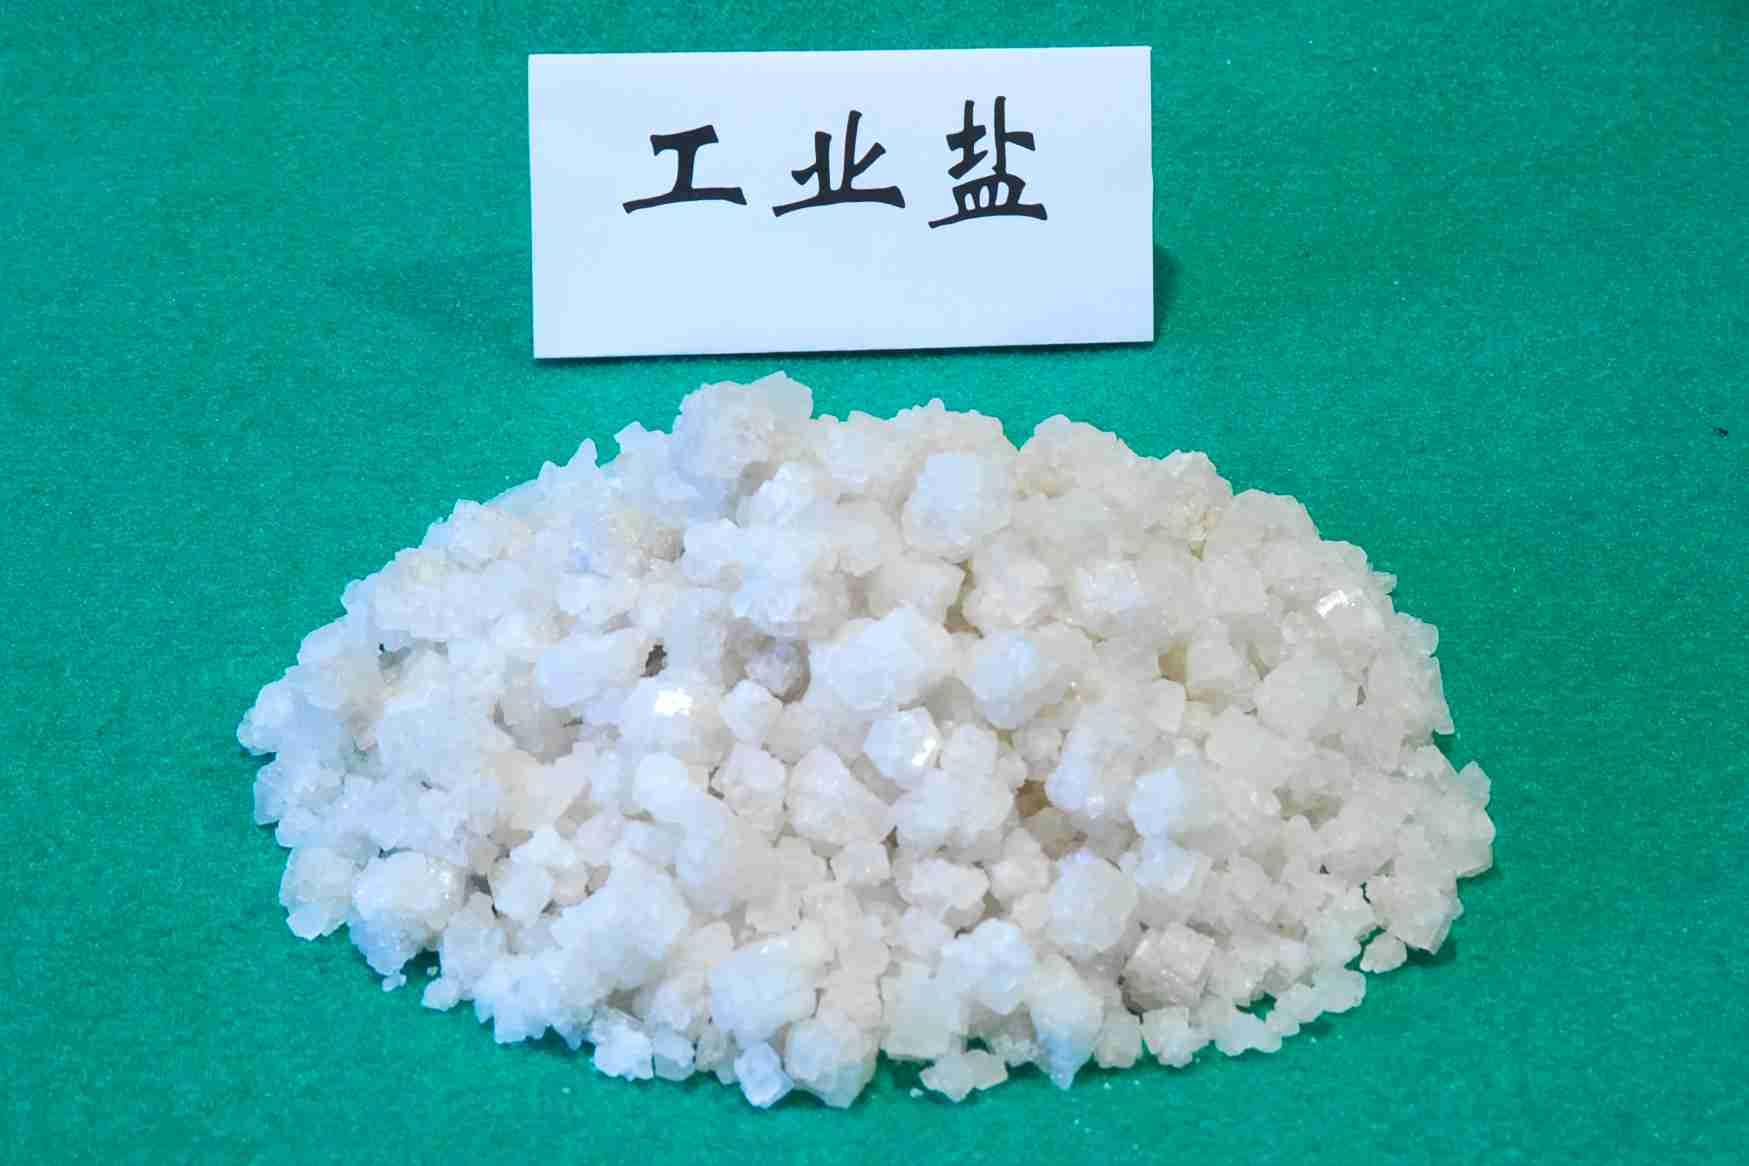 醇源化工教你:如何辨別真鹽和假鹽!